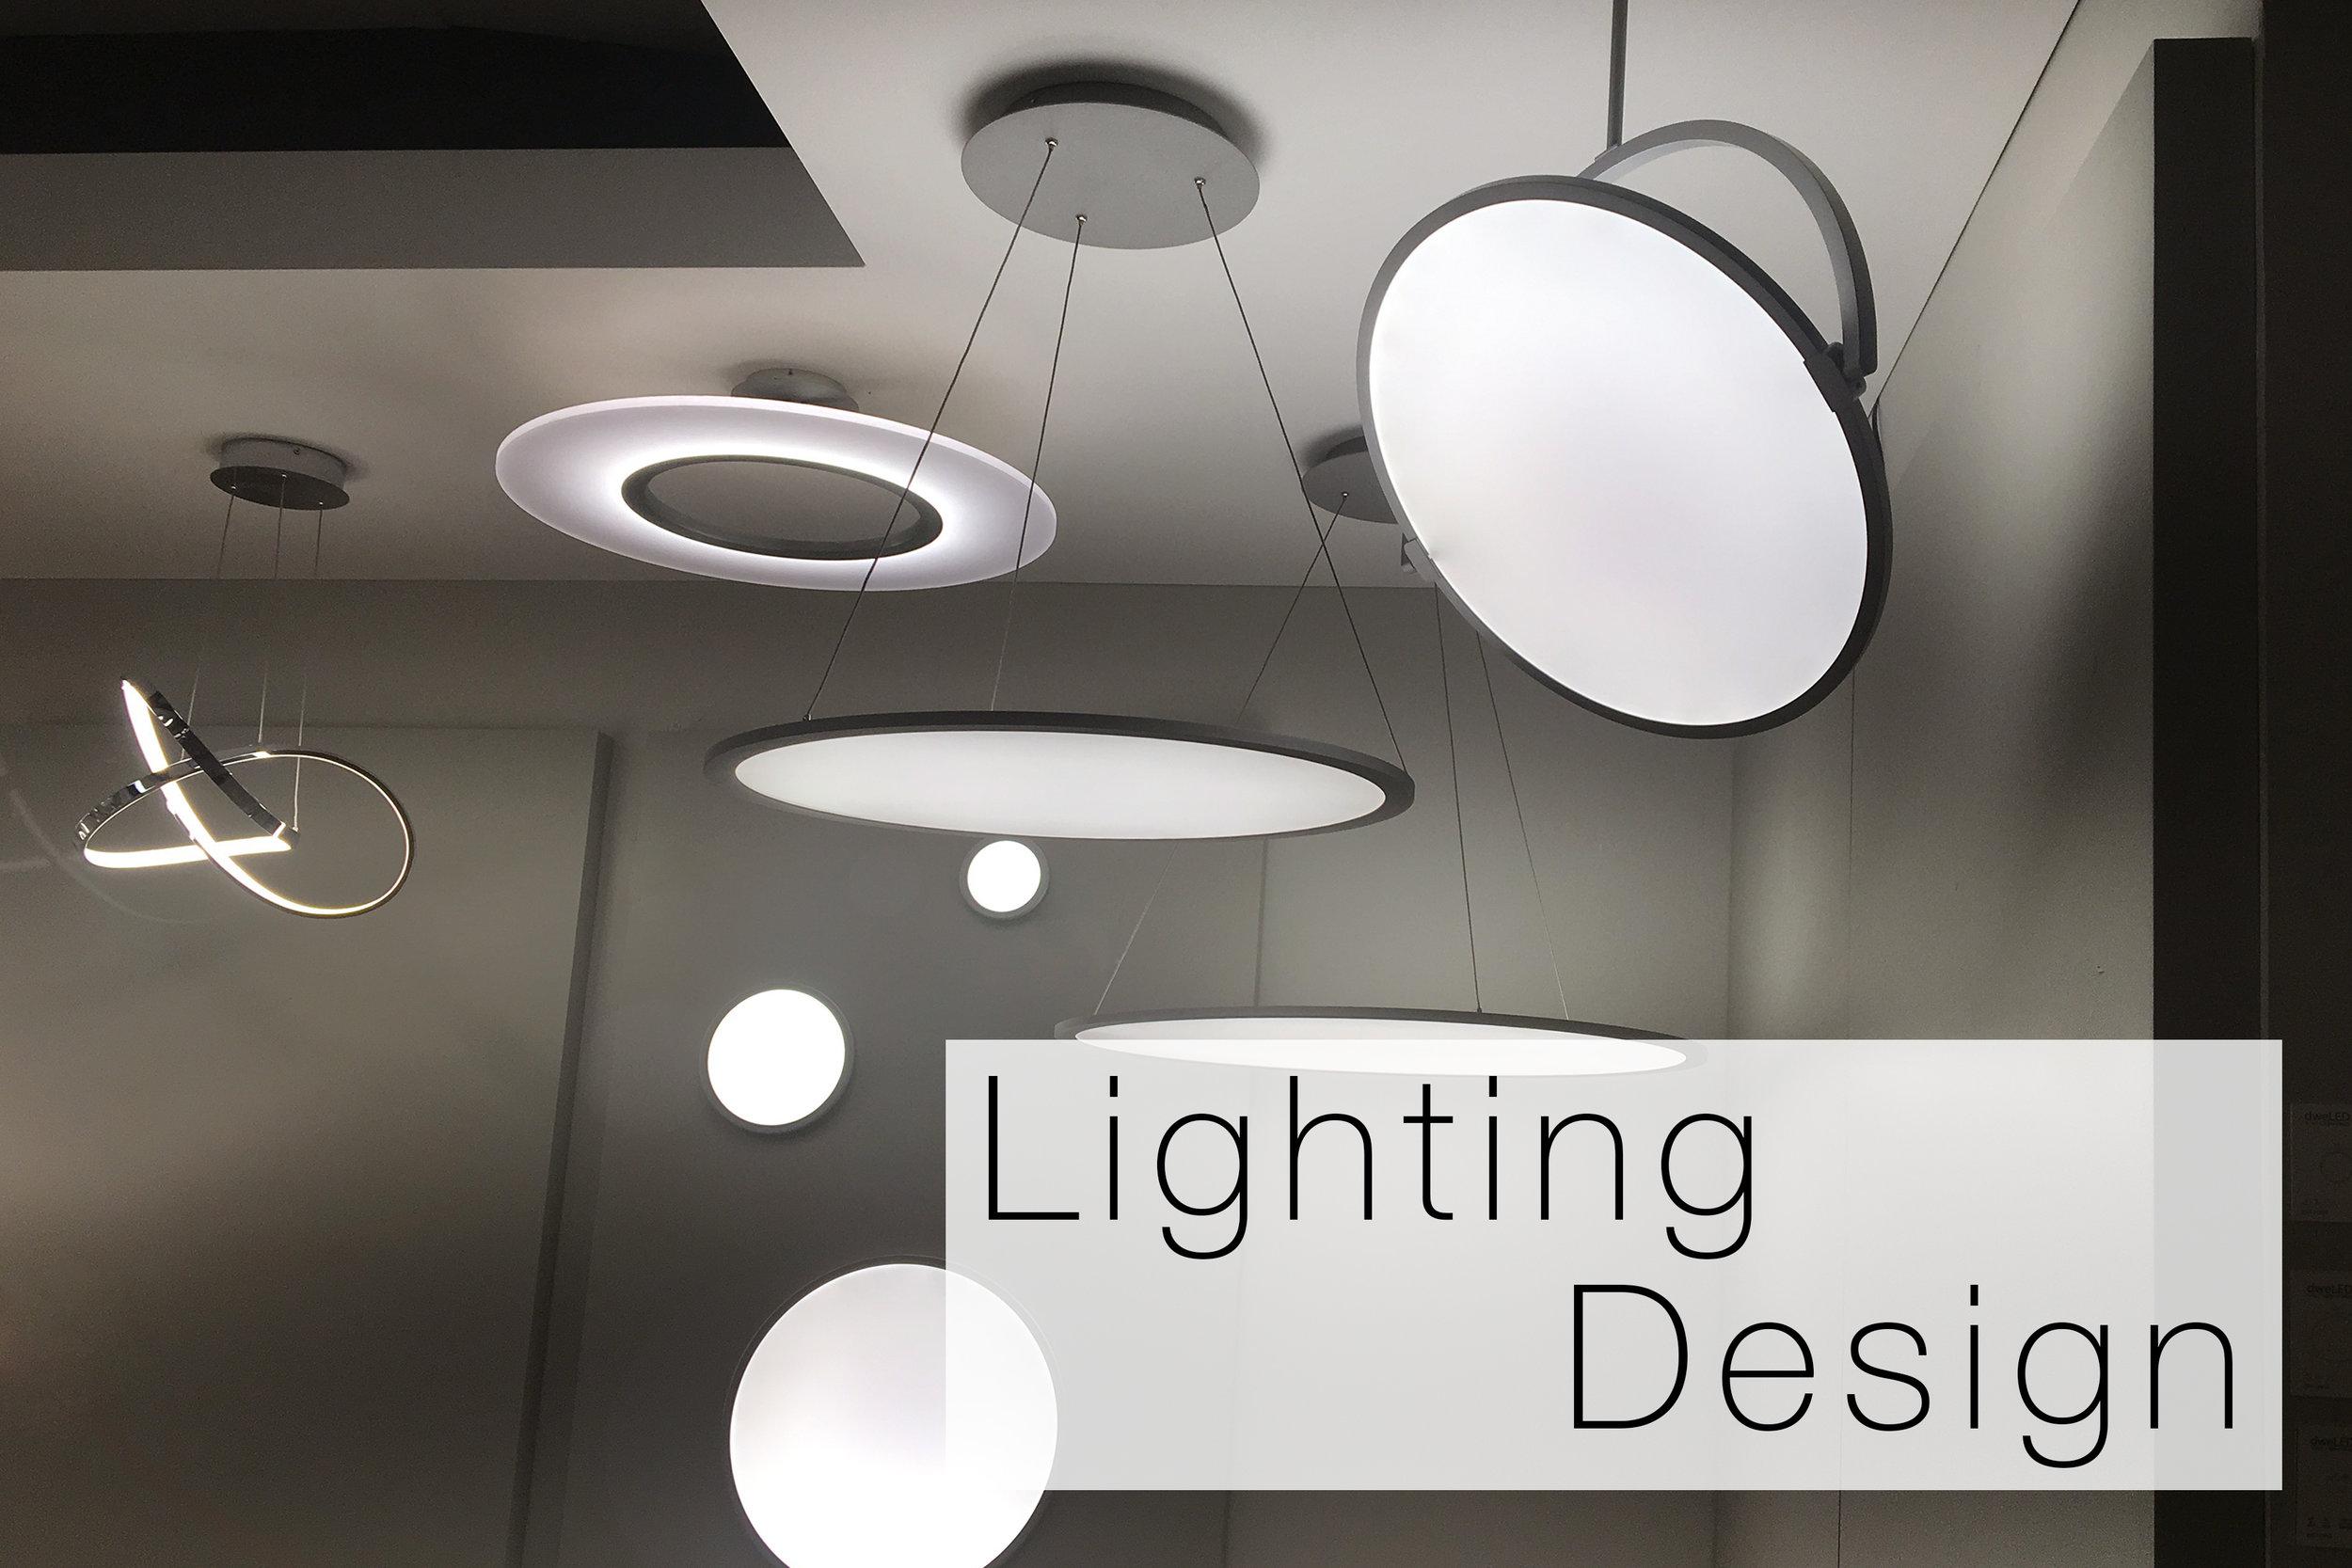 Lighting-Design-isolated.jpg